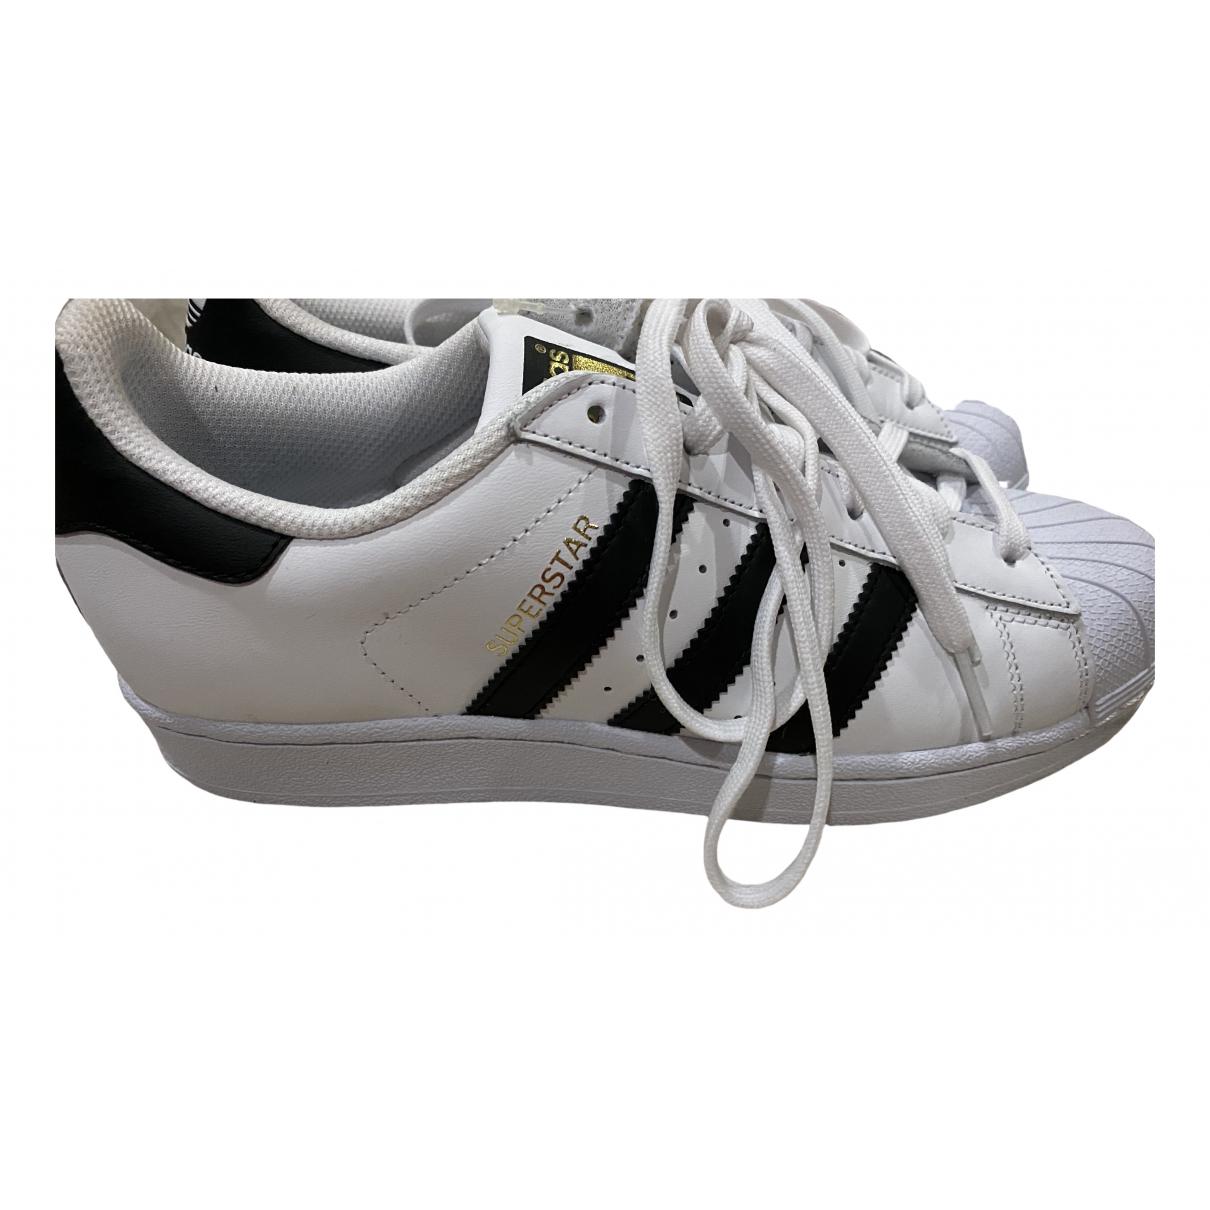 Adidas - Baskets Superstar pour femme en caoutchouc - blanc